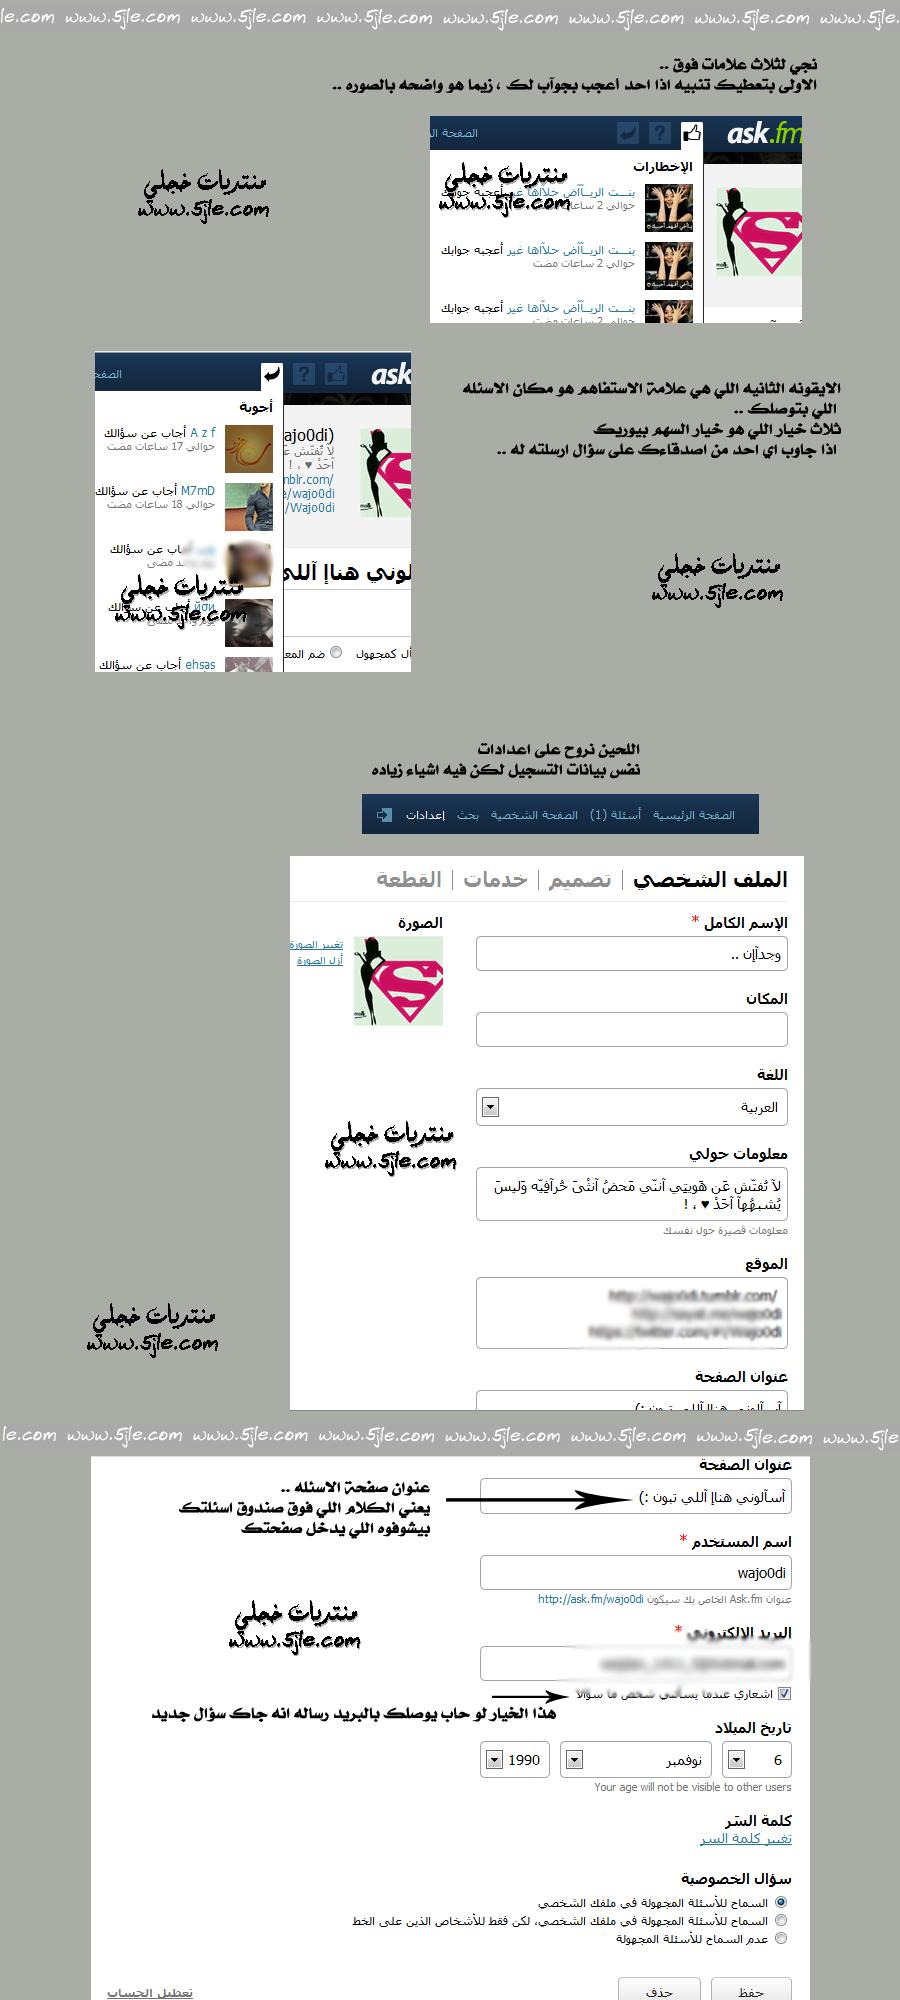 موقع Ask.fm